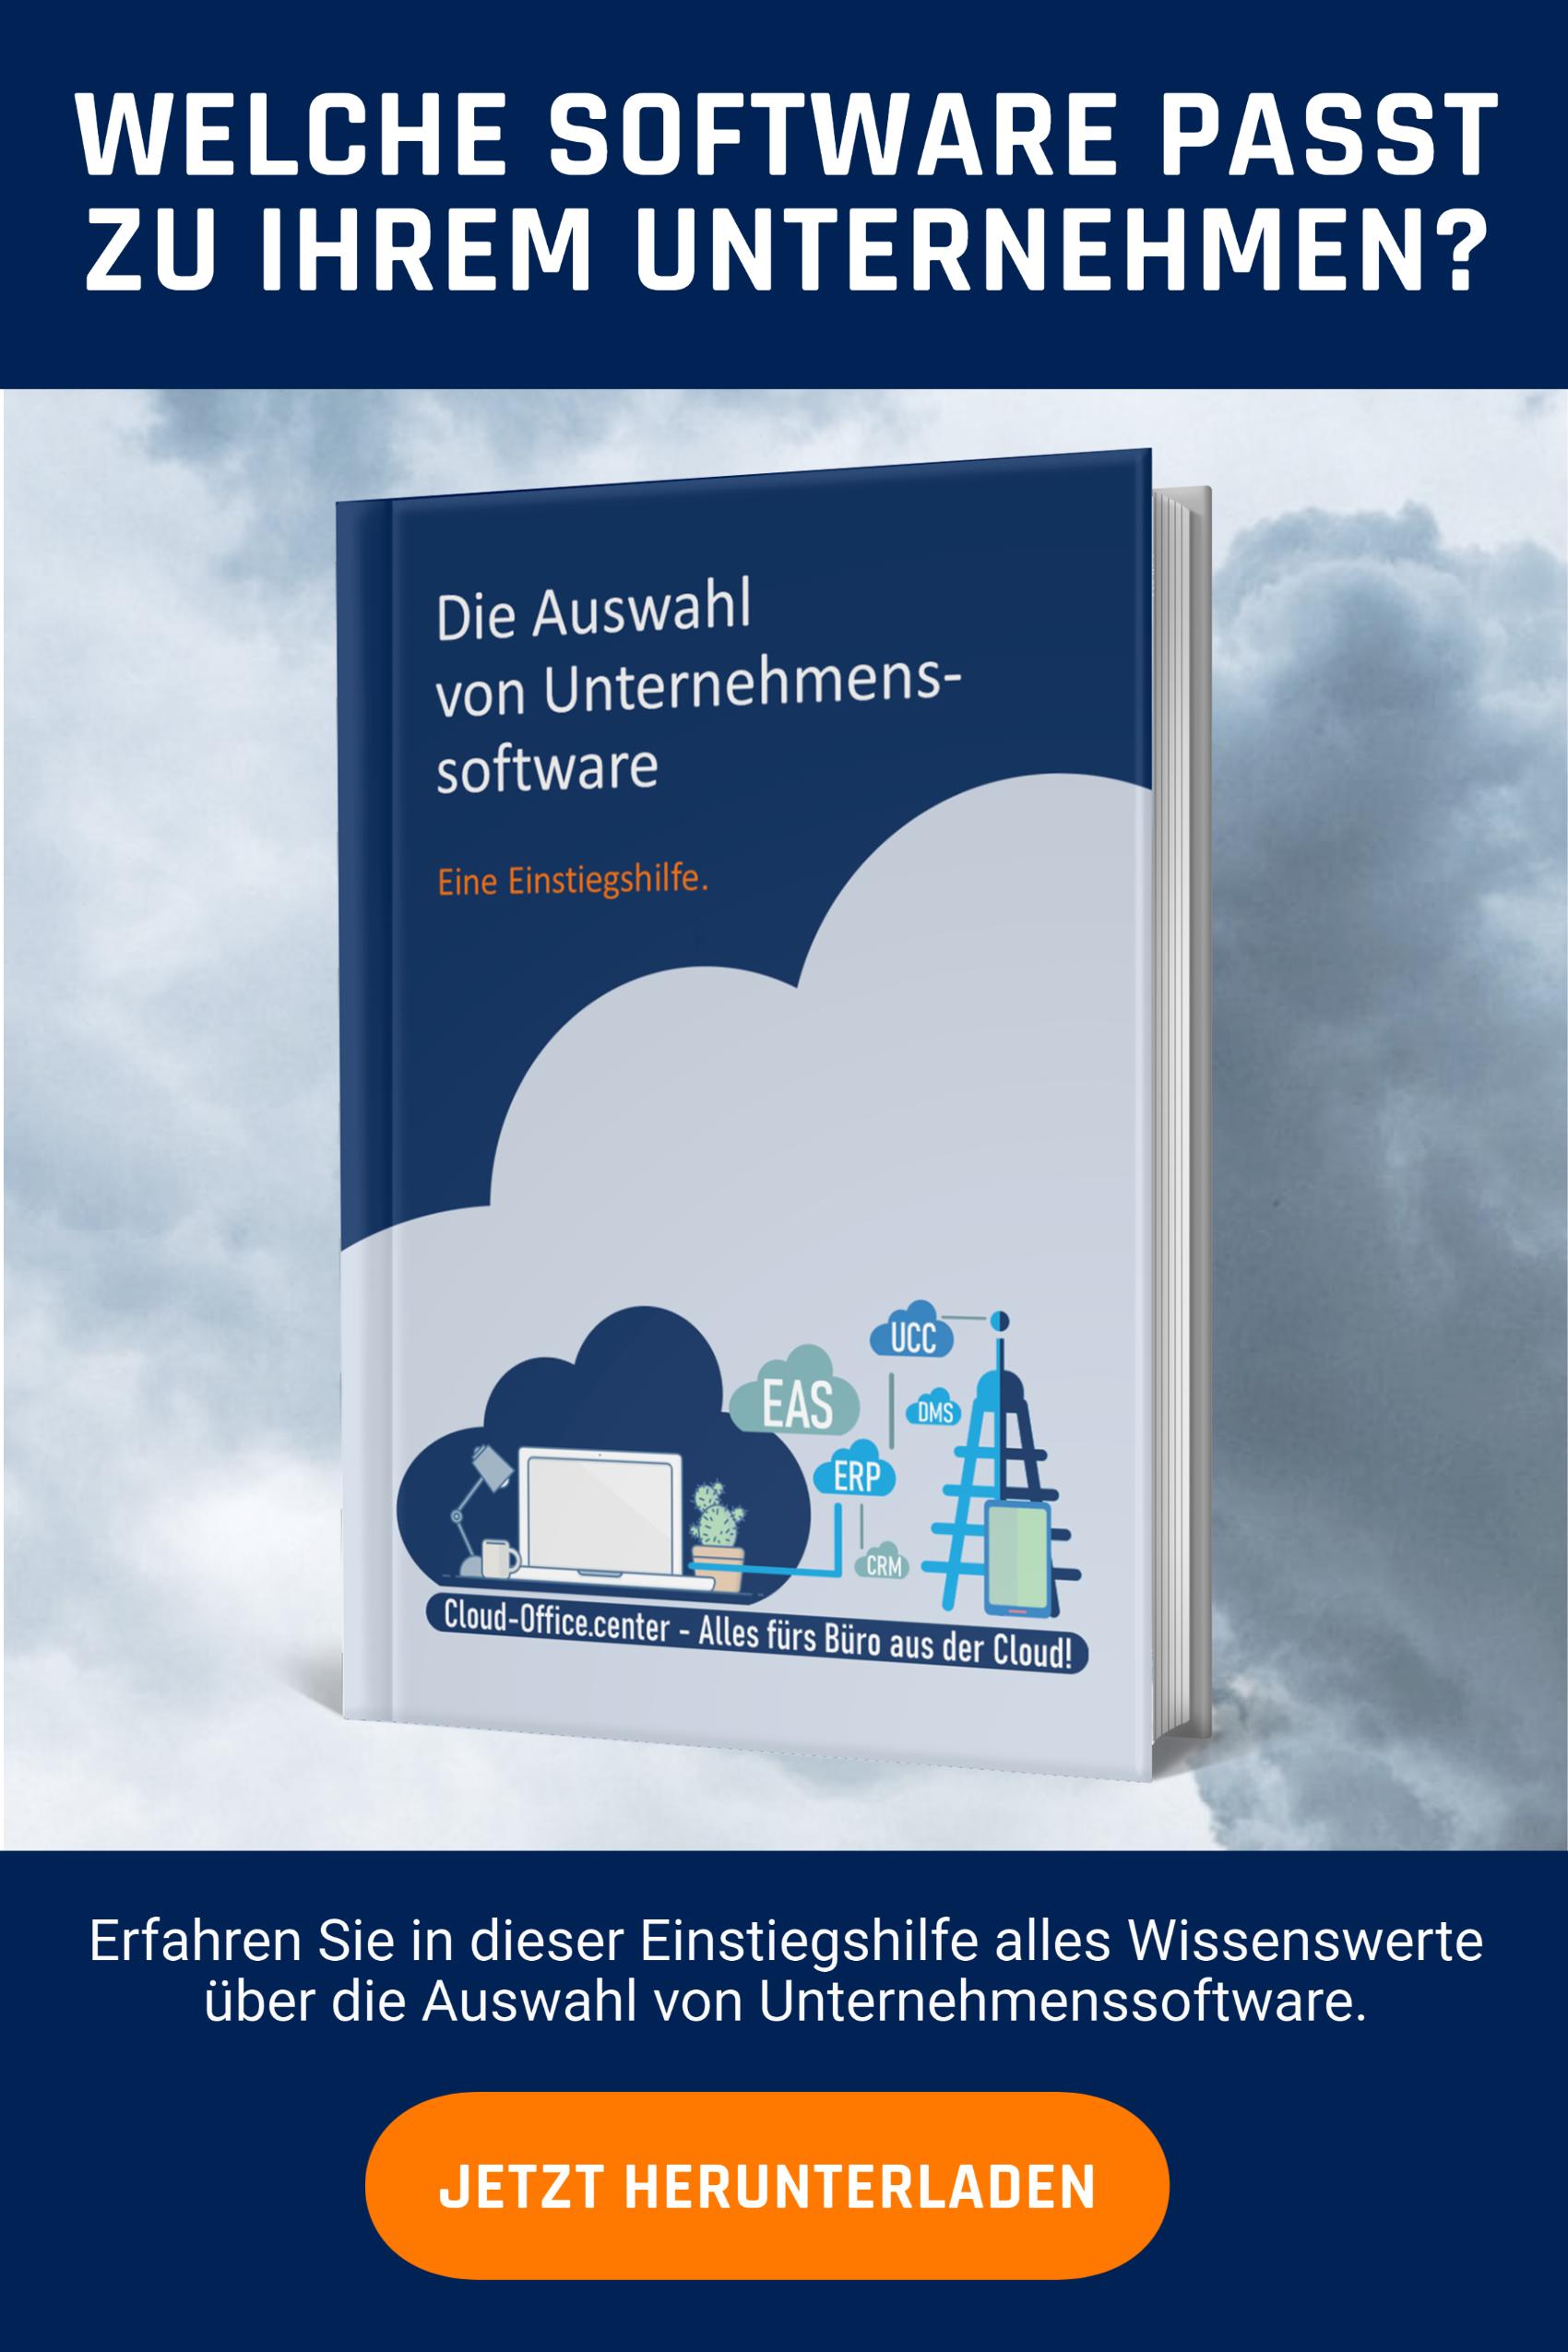 Cloud Software für Mobile Work. Mit diesem Whitepaper zur Auswahl von Unternehmenssoftware finden Sie die richtige Lösung für Mobile Working.